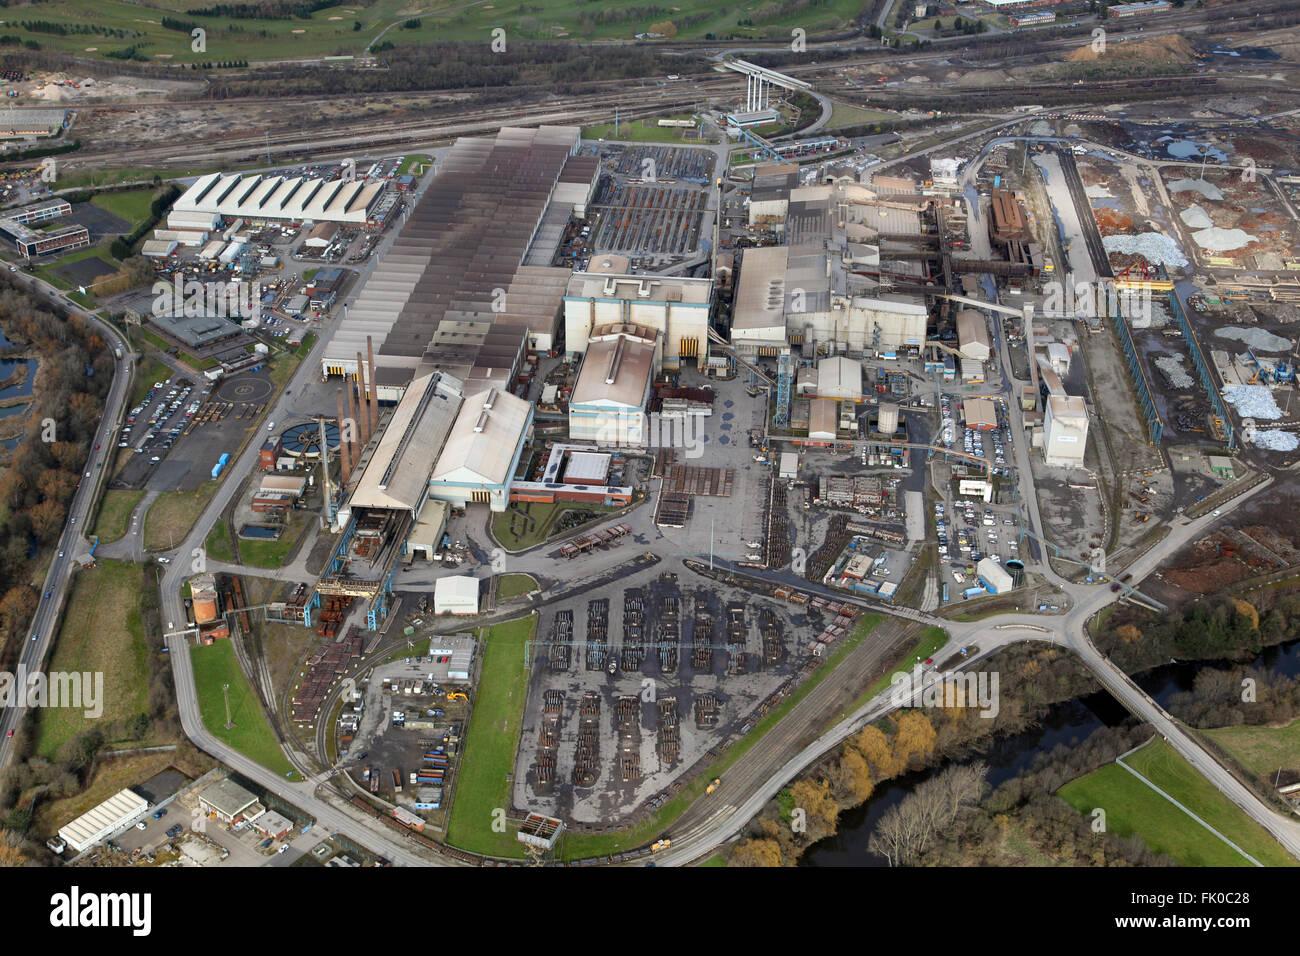 Vue aérienne d'une partie de la production de l'acier Tata à Rawmarsh complexe près de Rotherham, Photo Stock